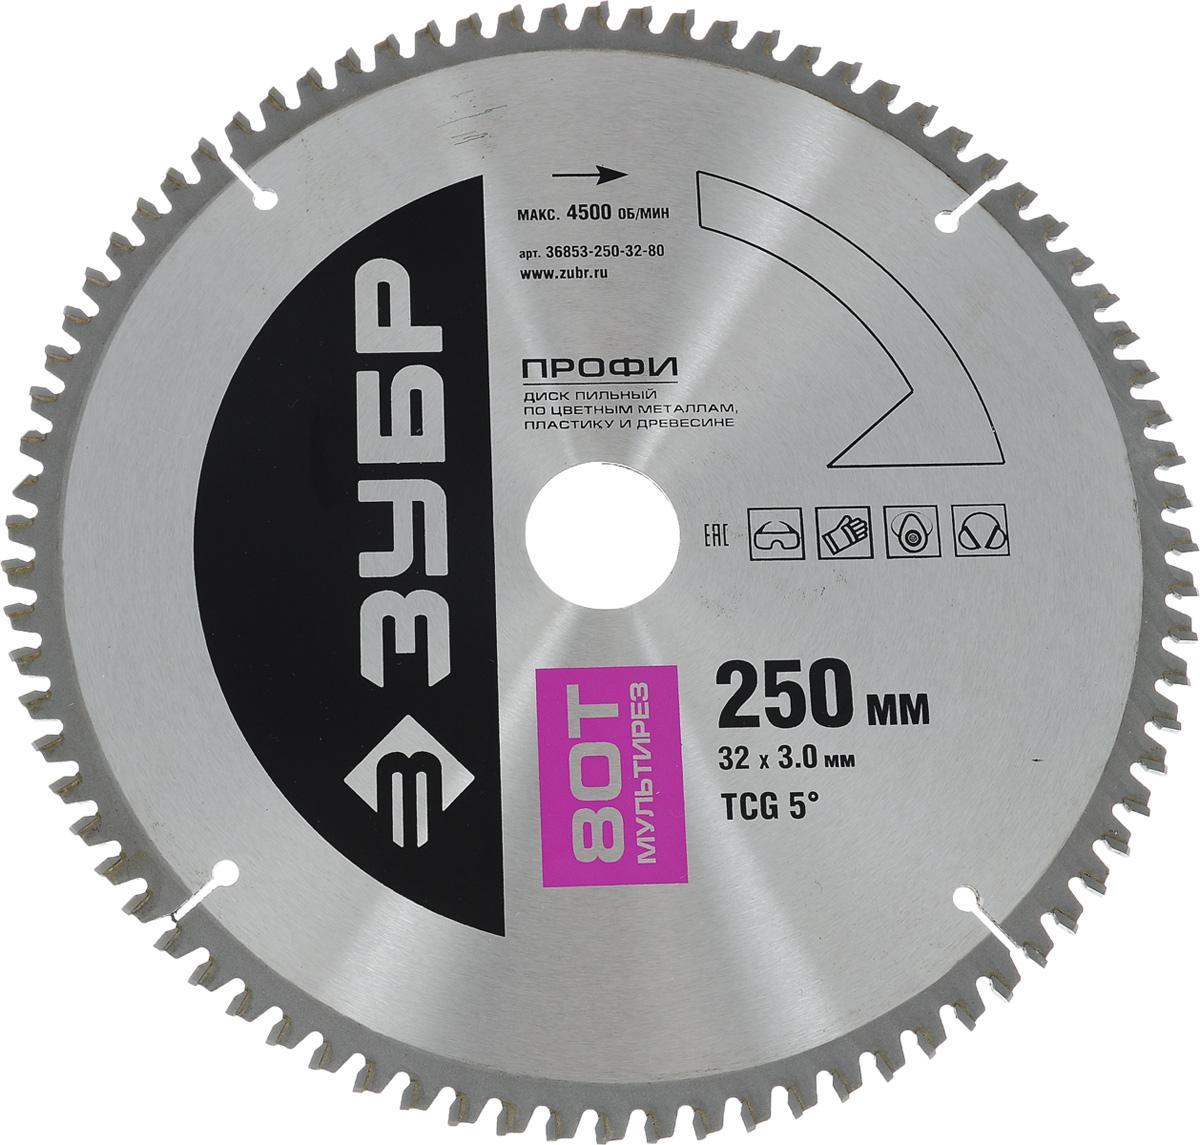 Диск пильный твердосплавный ЗУБР 36853-250-32-80 диск пильный твердосплавный зубр 36853 190 30 60